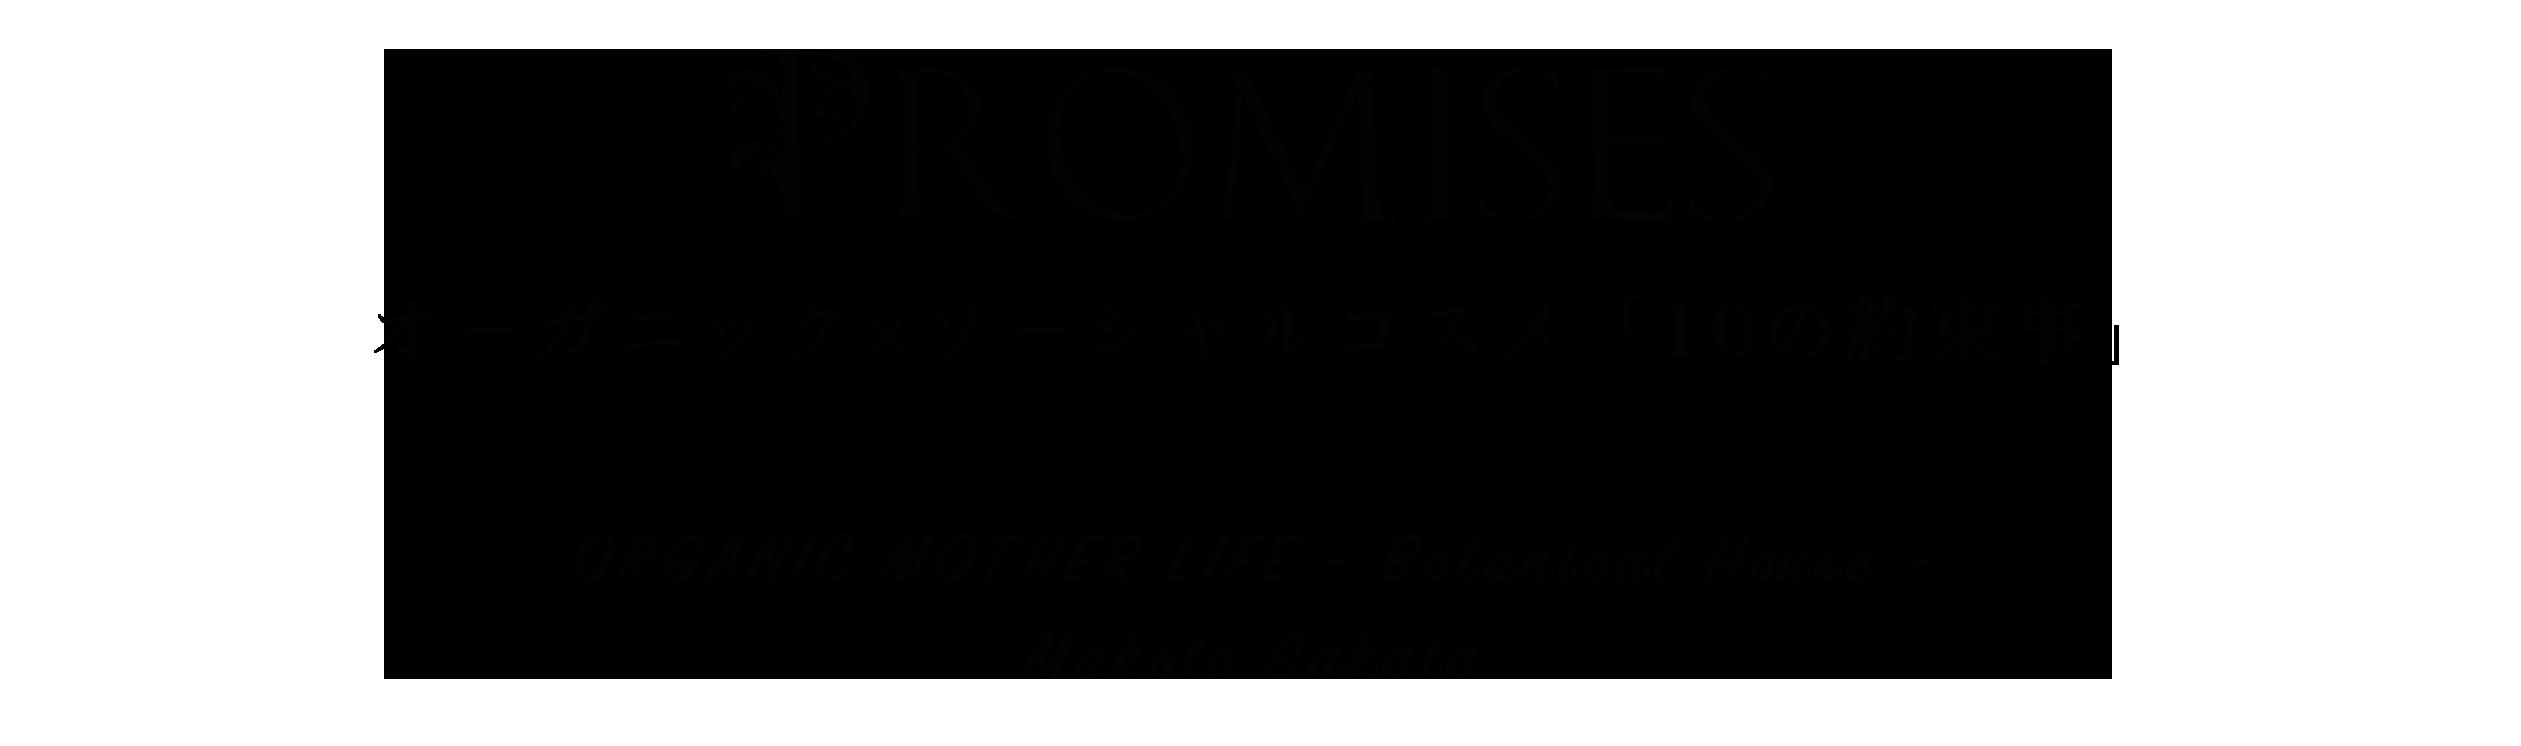 Promises1